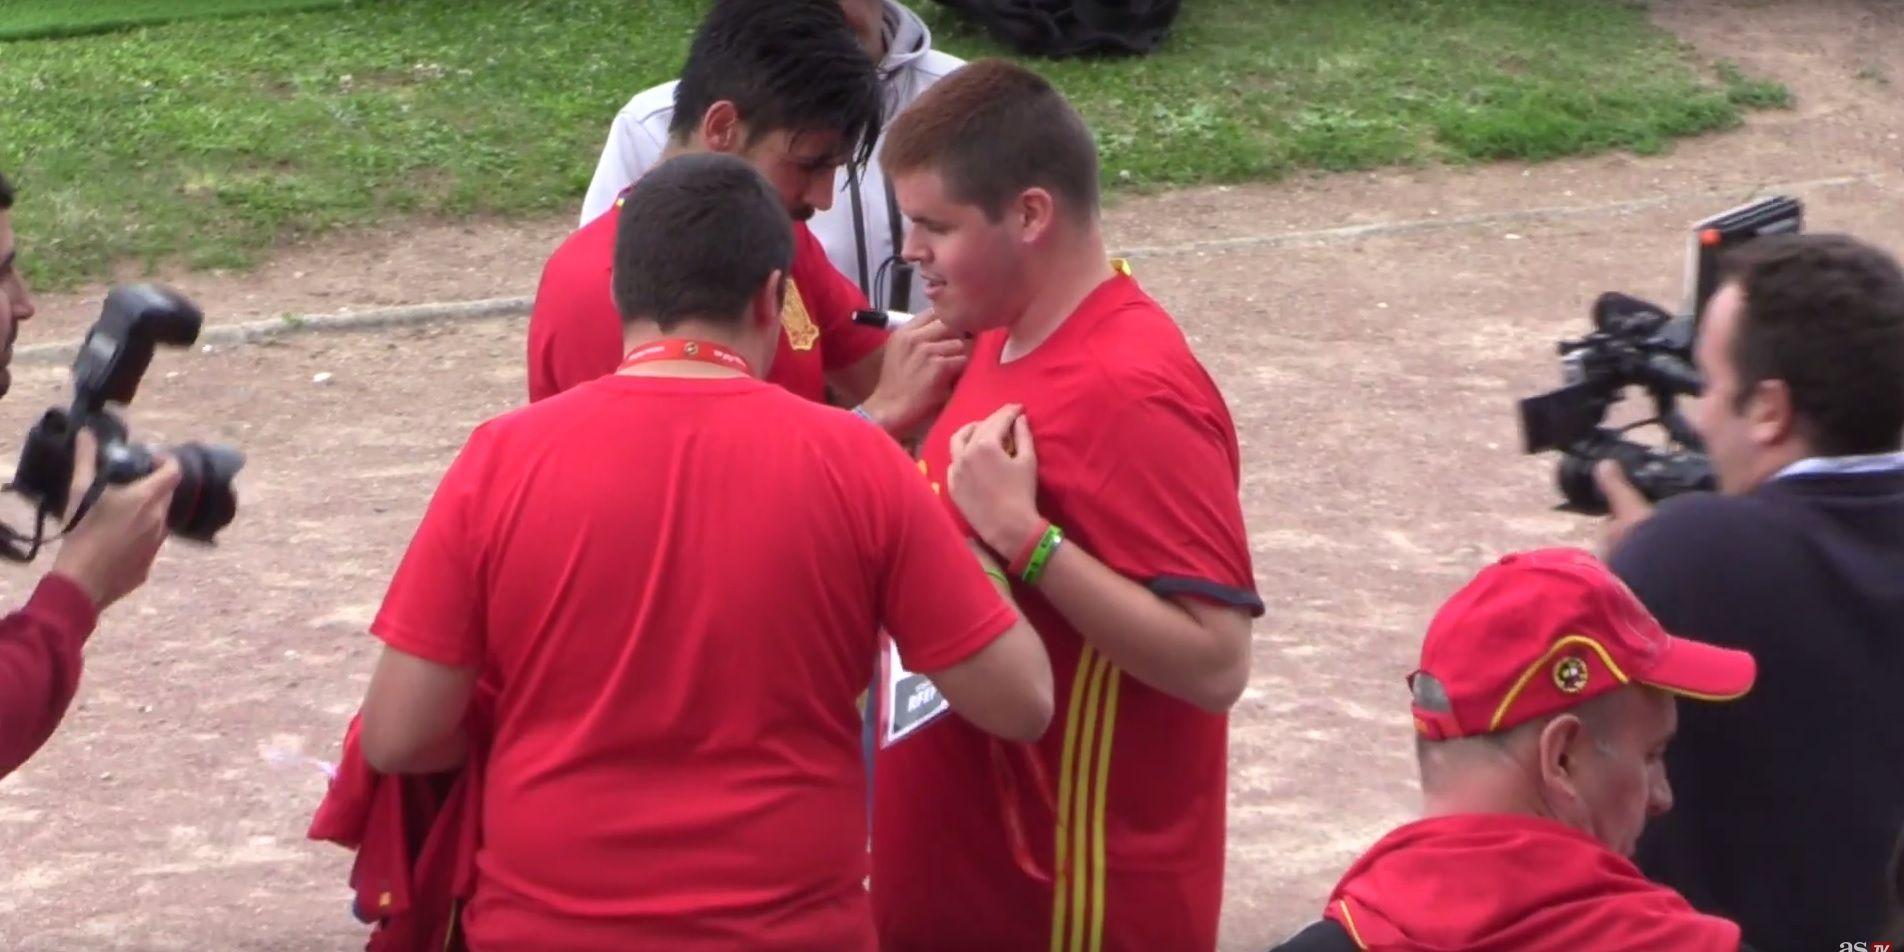 Una estrella de España le regaló una camiseta a un ciego: mirá la reacción del chico